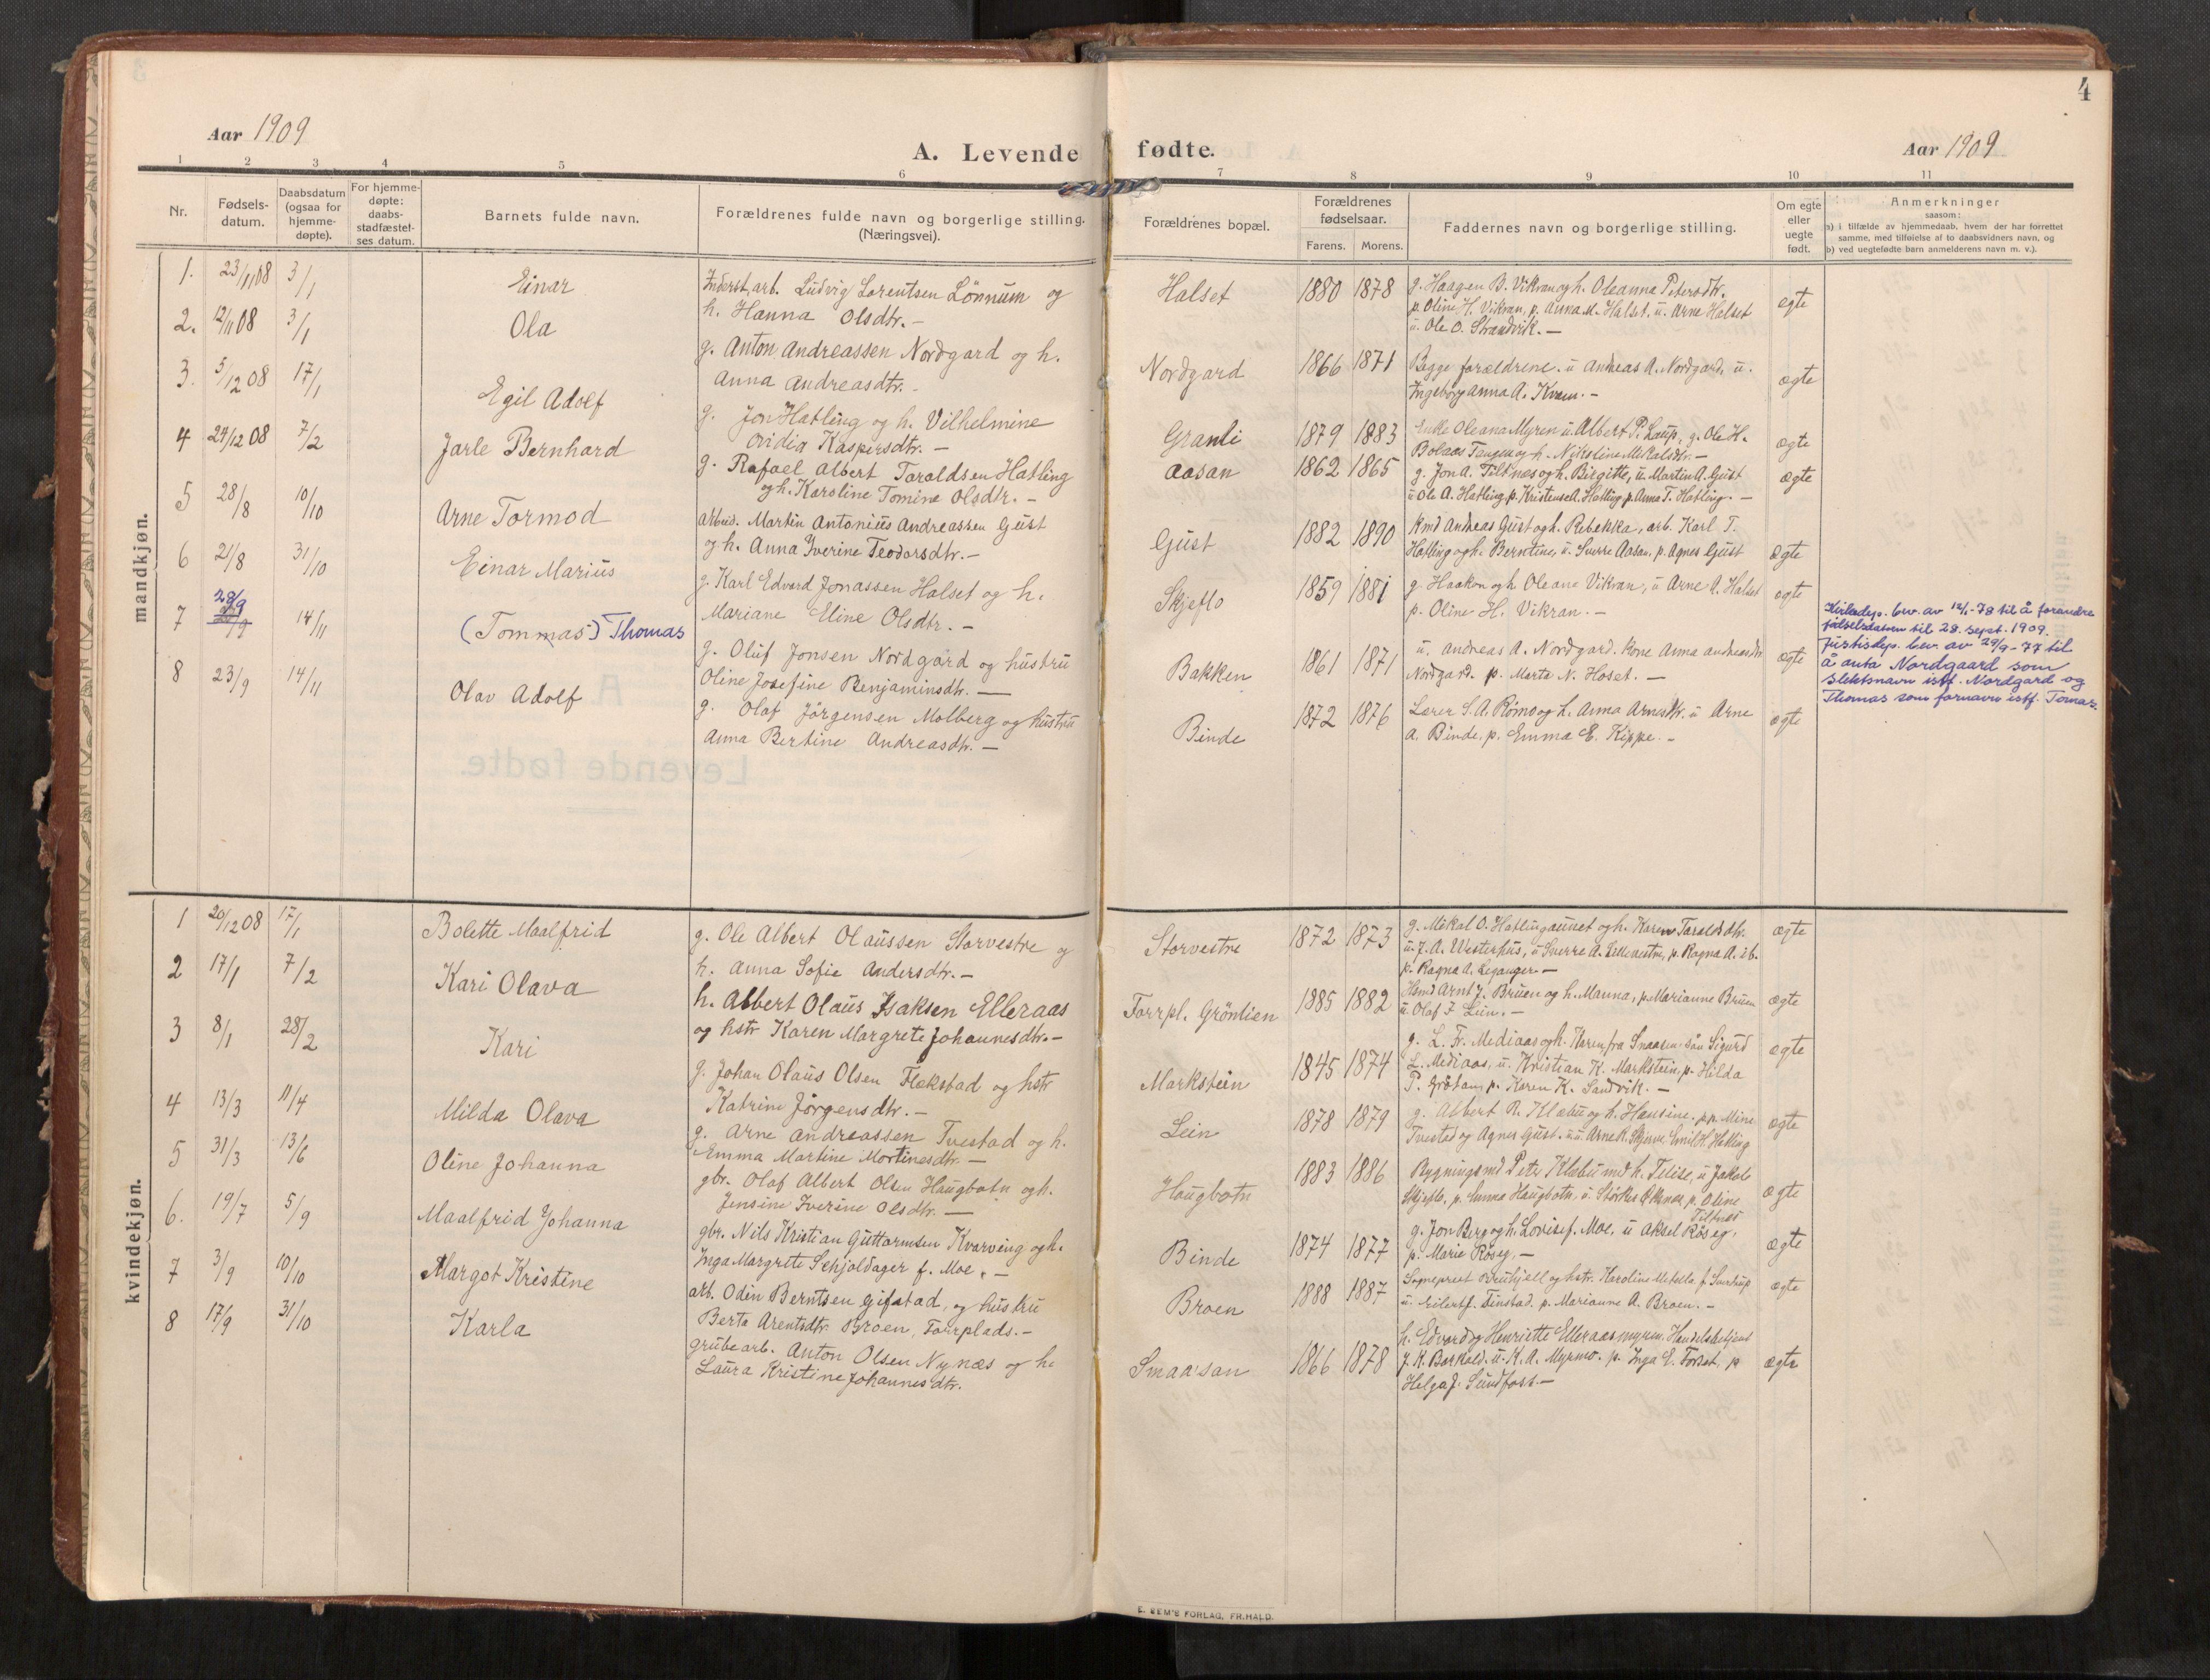 SAT, Stod sokneprestkontor, I/I1/I1a/L0002: Parish register (official) no. 2, 1909-1922, p. 4